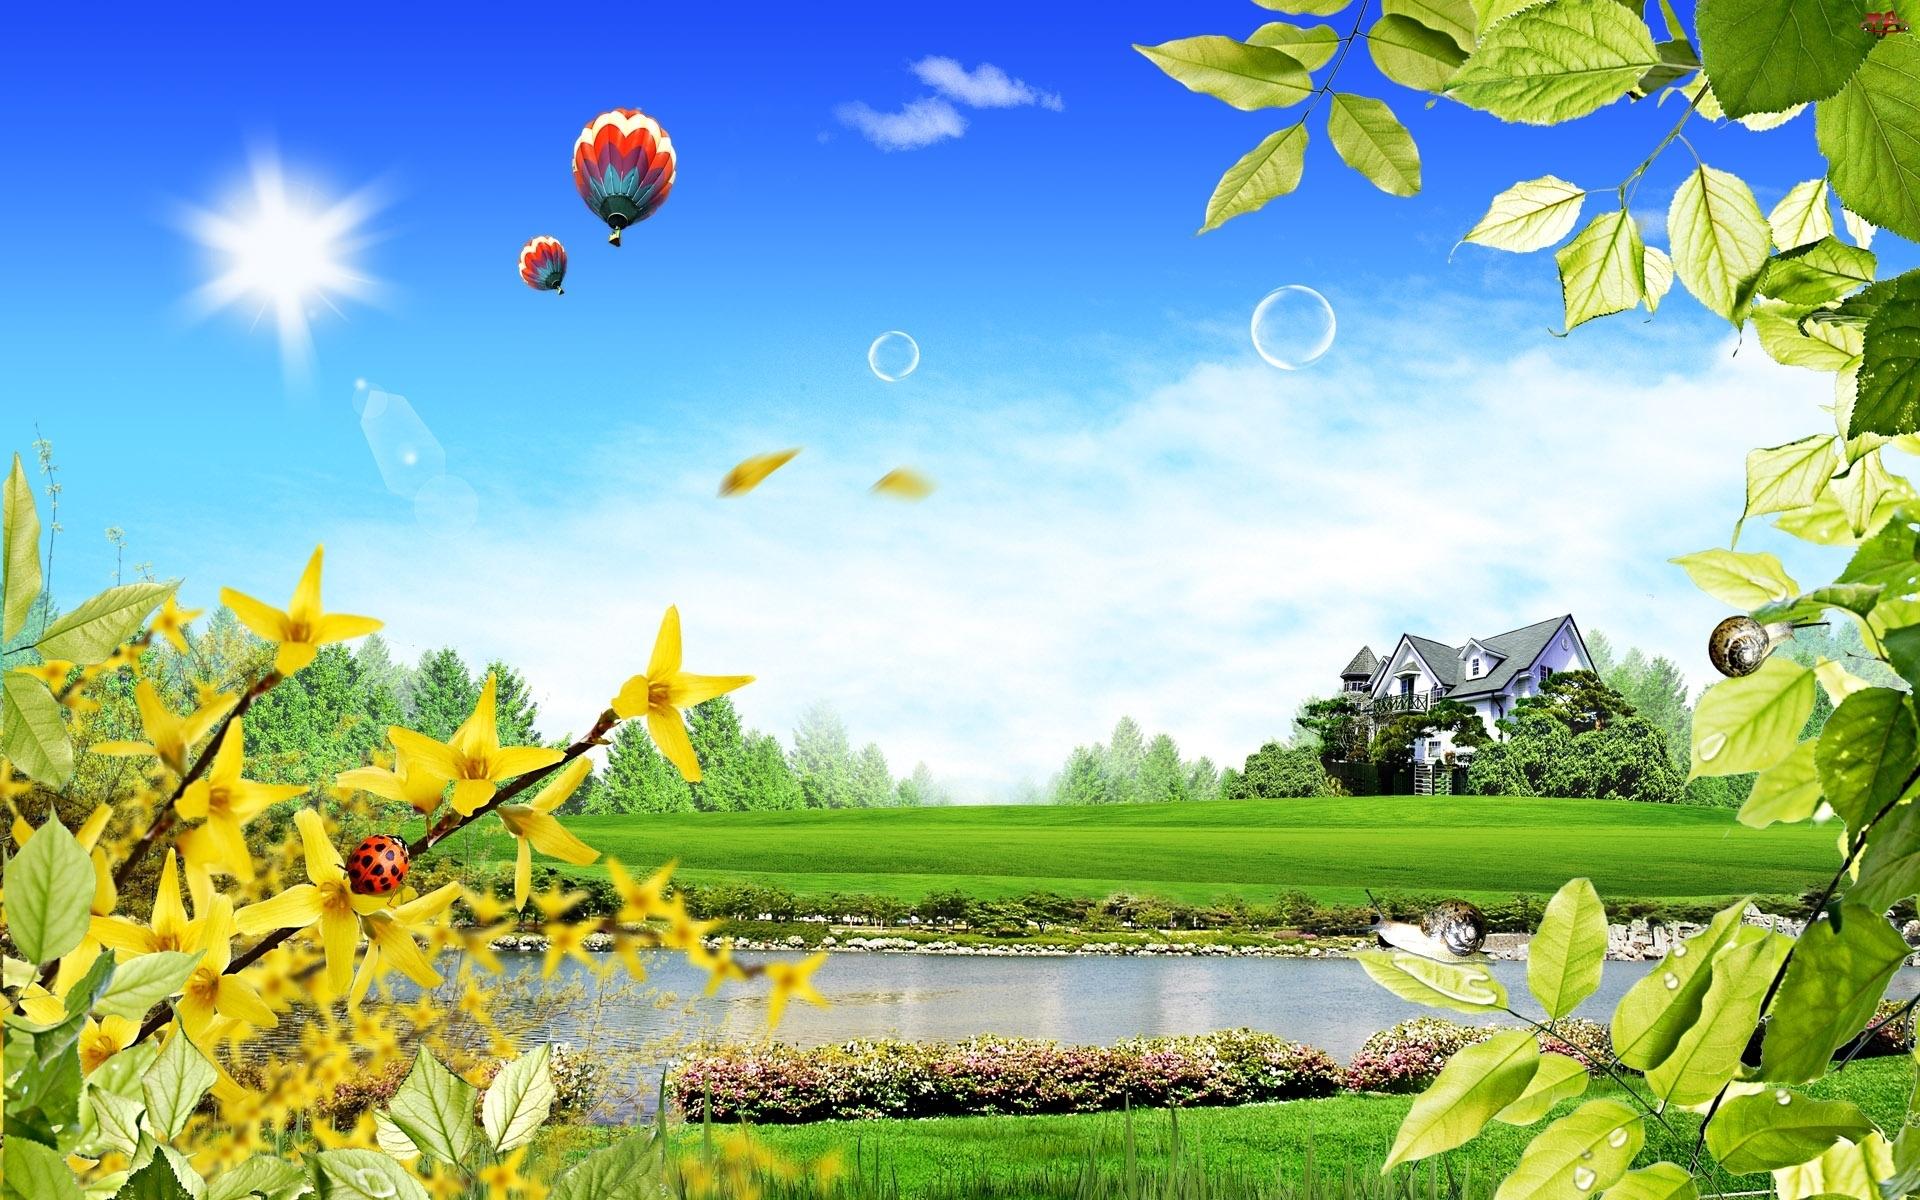 Balony, Wiosenna, Oczko, Zieleń, Wodne